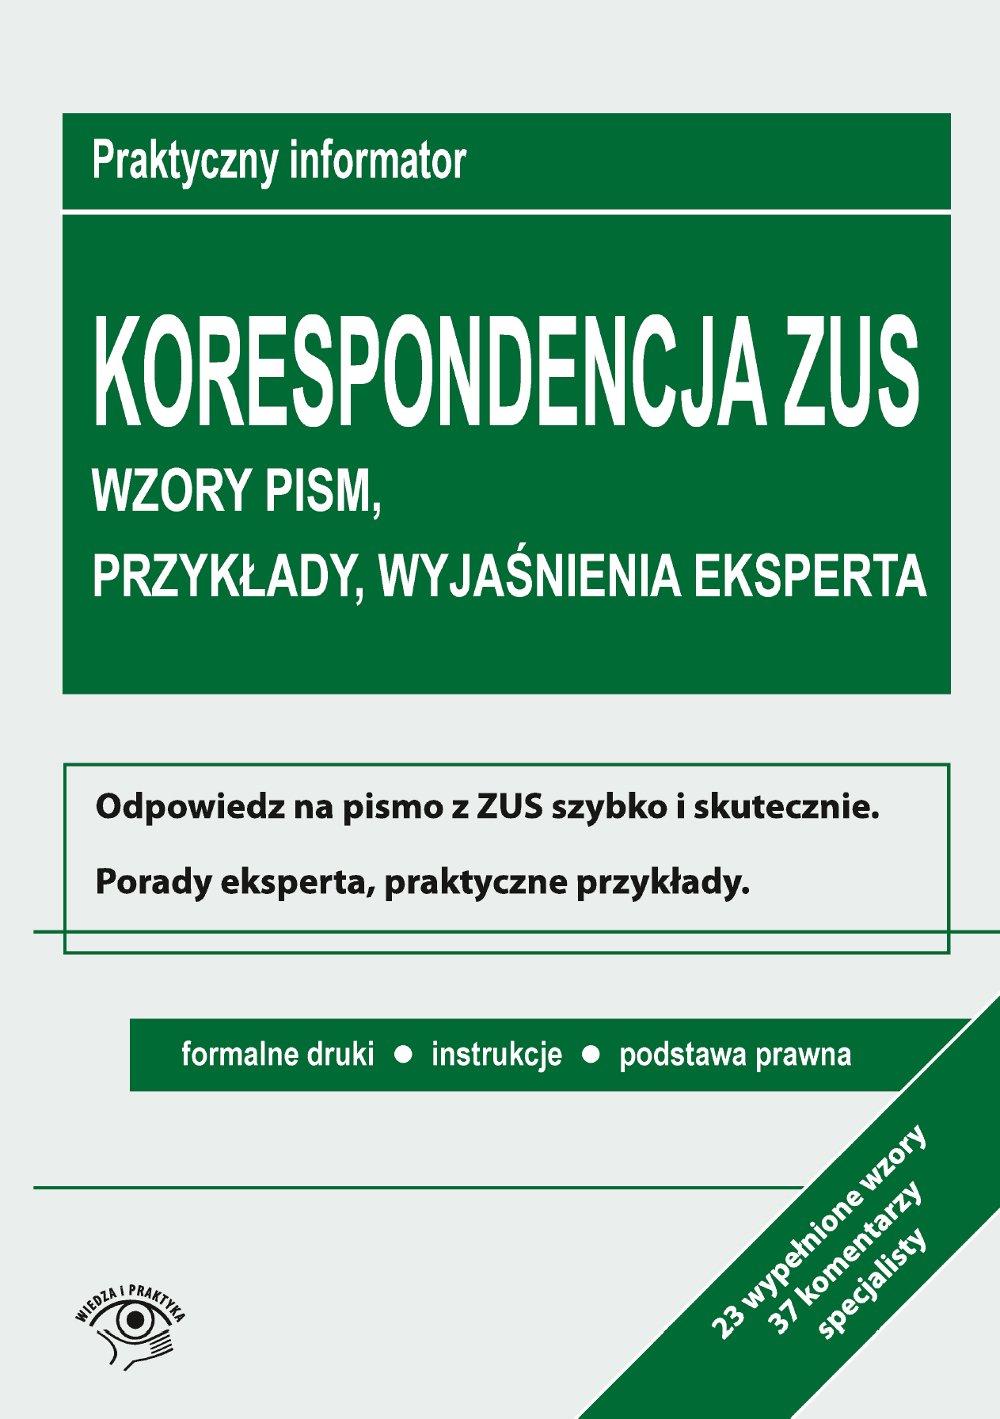 Korespondencja z ZUS. Wzory pism, przykłady, wyjaśnienia eksperta - Ebook (Książka PDF) do pobrania w formacie PDF